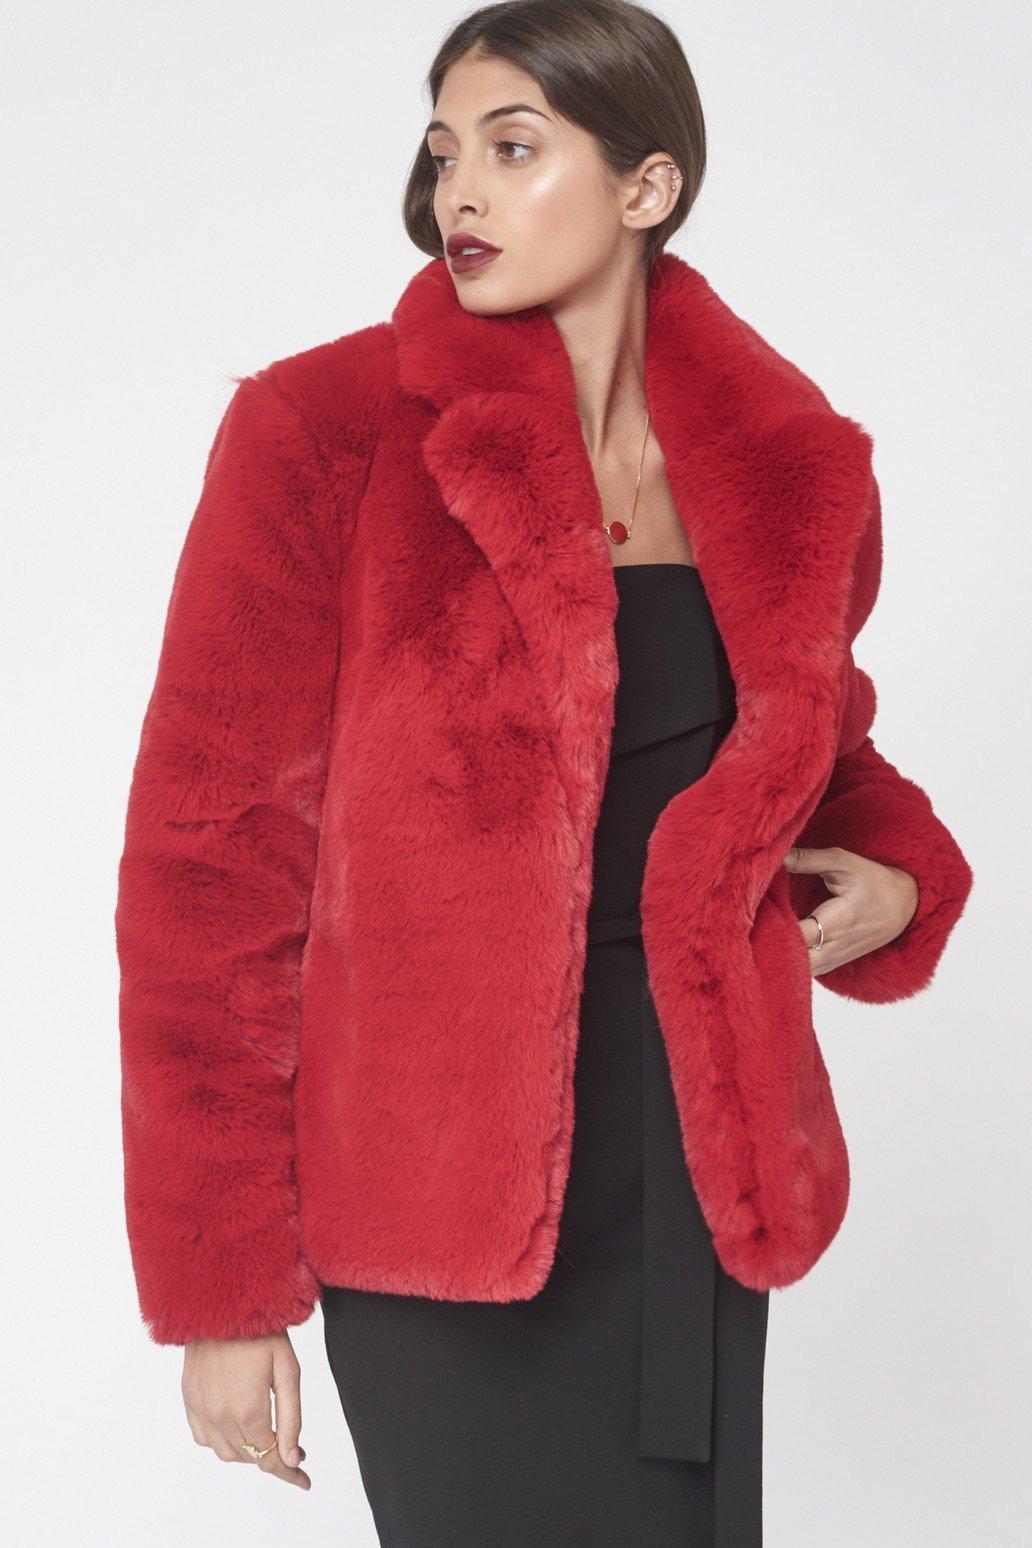 red faux fur jacket Unfold London